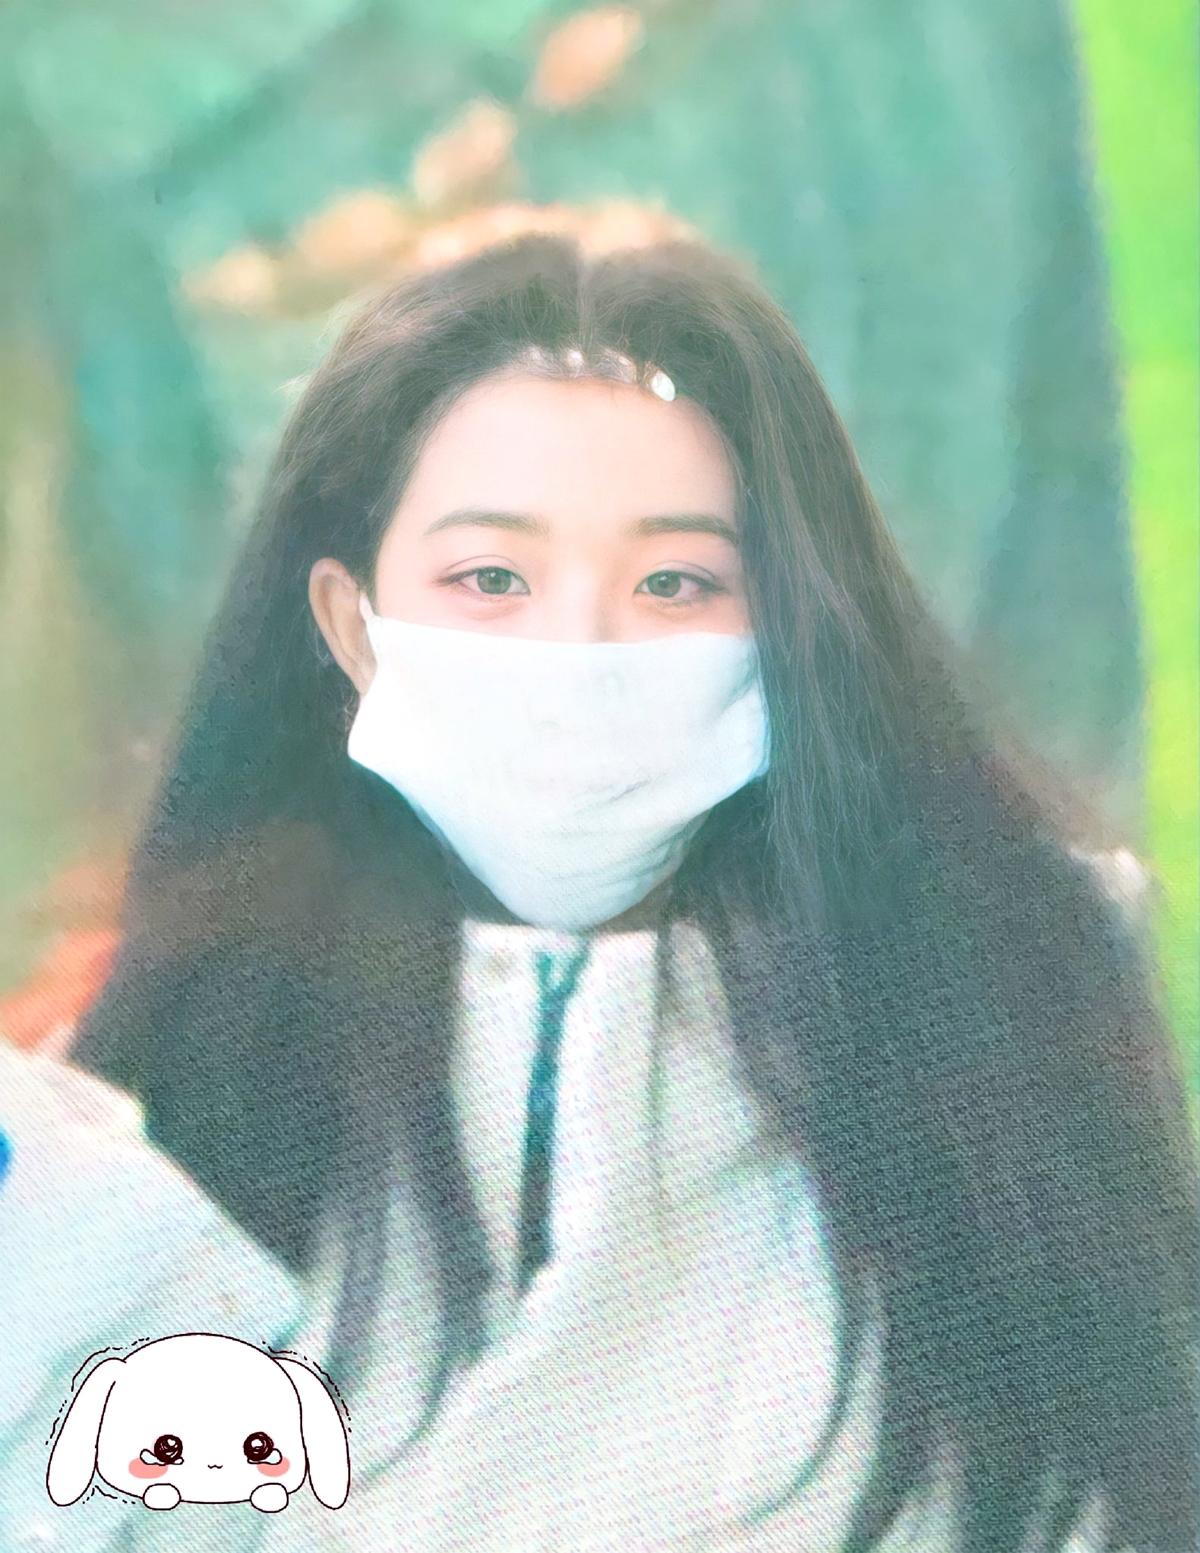 Sáng sớm 9/1, IZONE xuất hiện trên đường ghi hình Music Core.